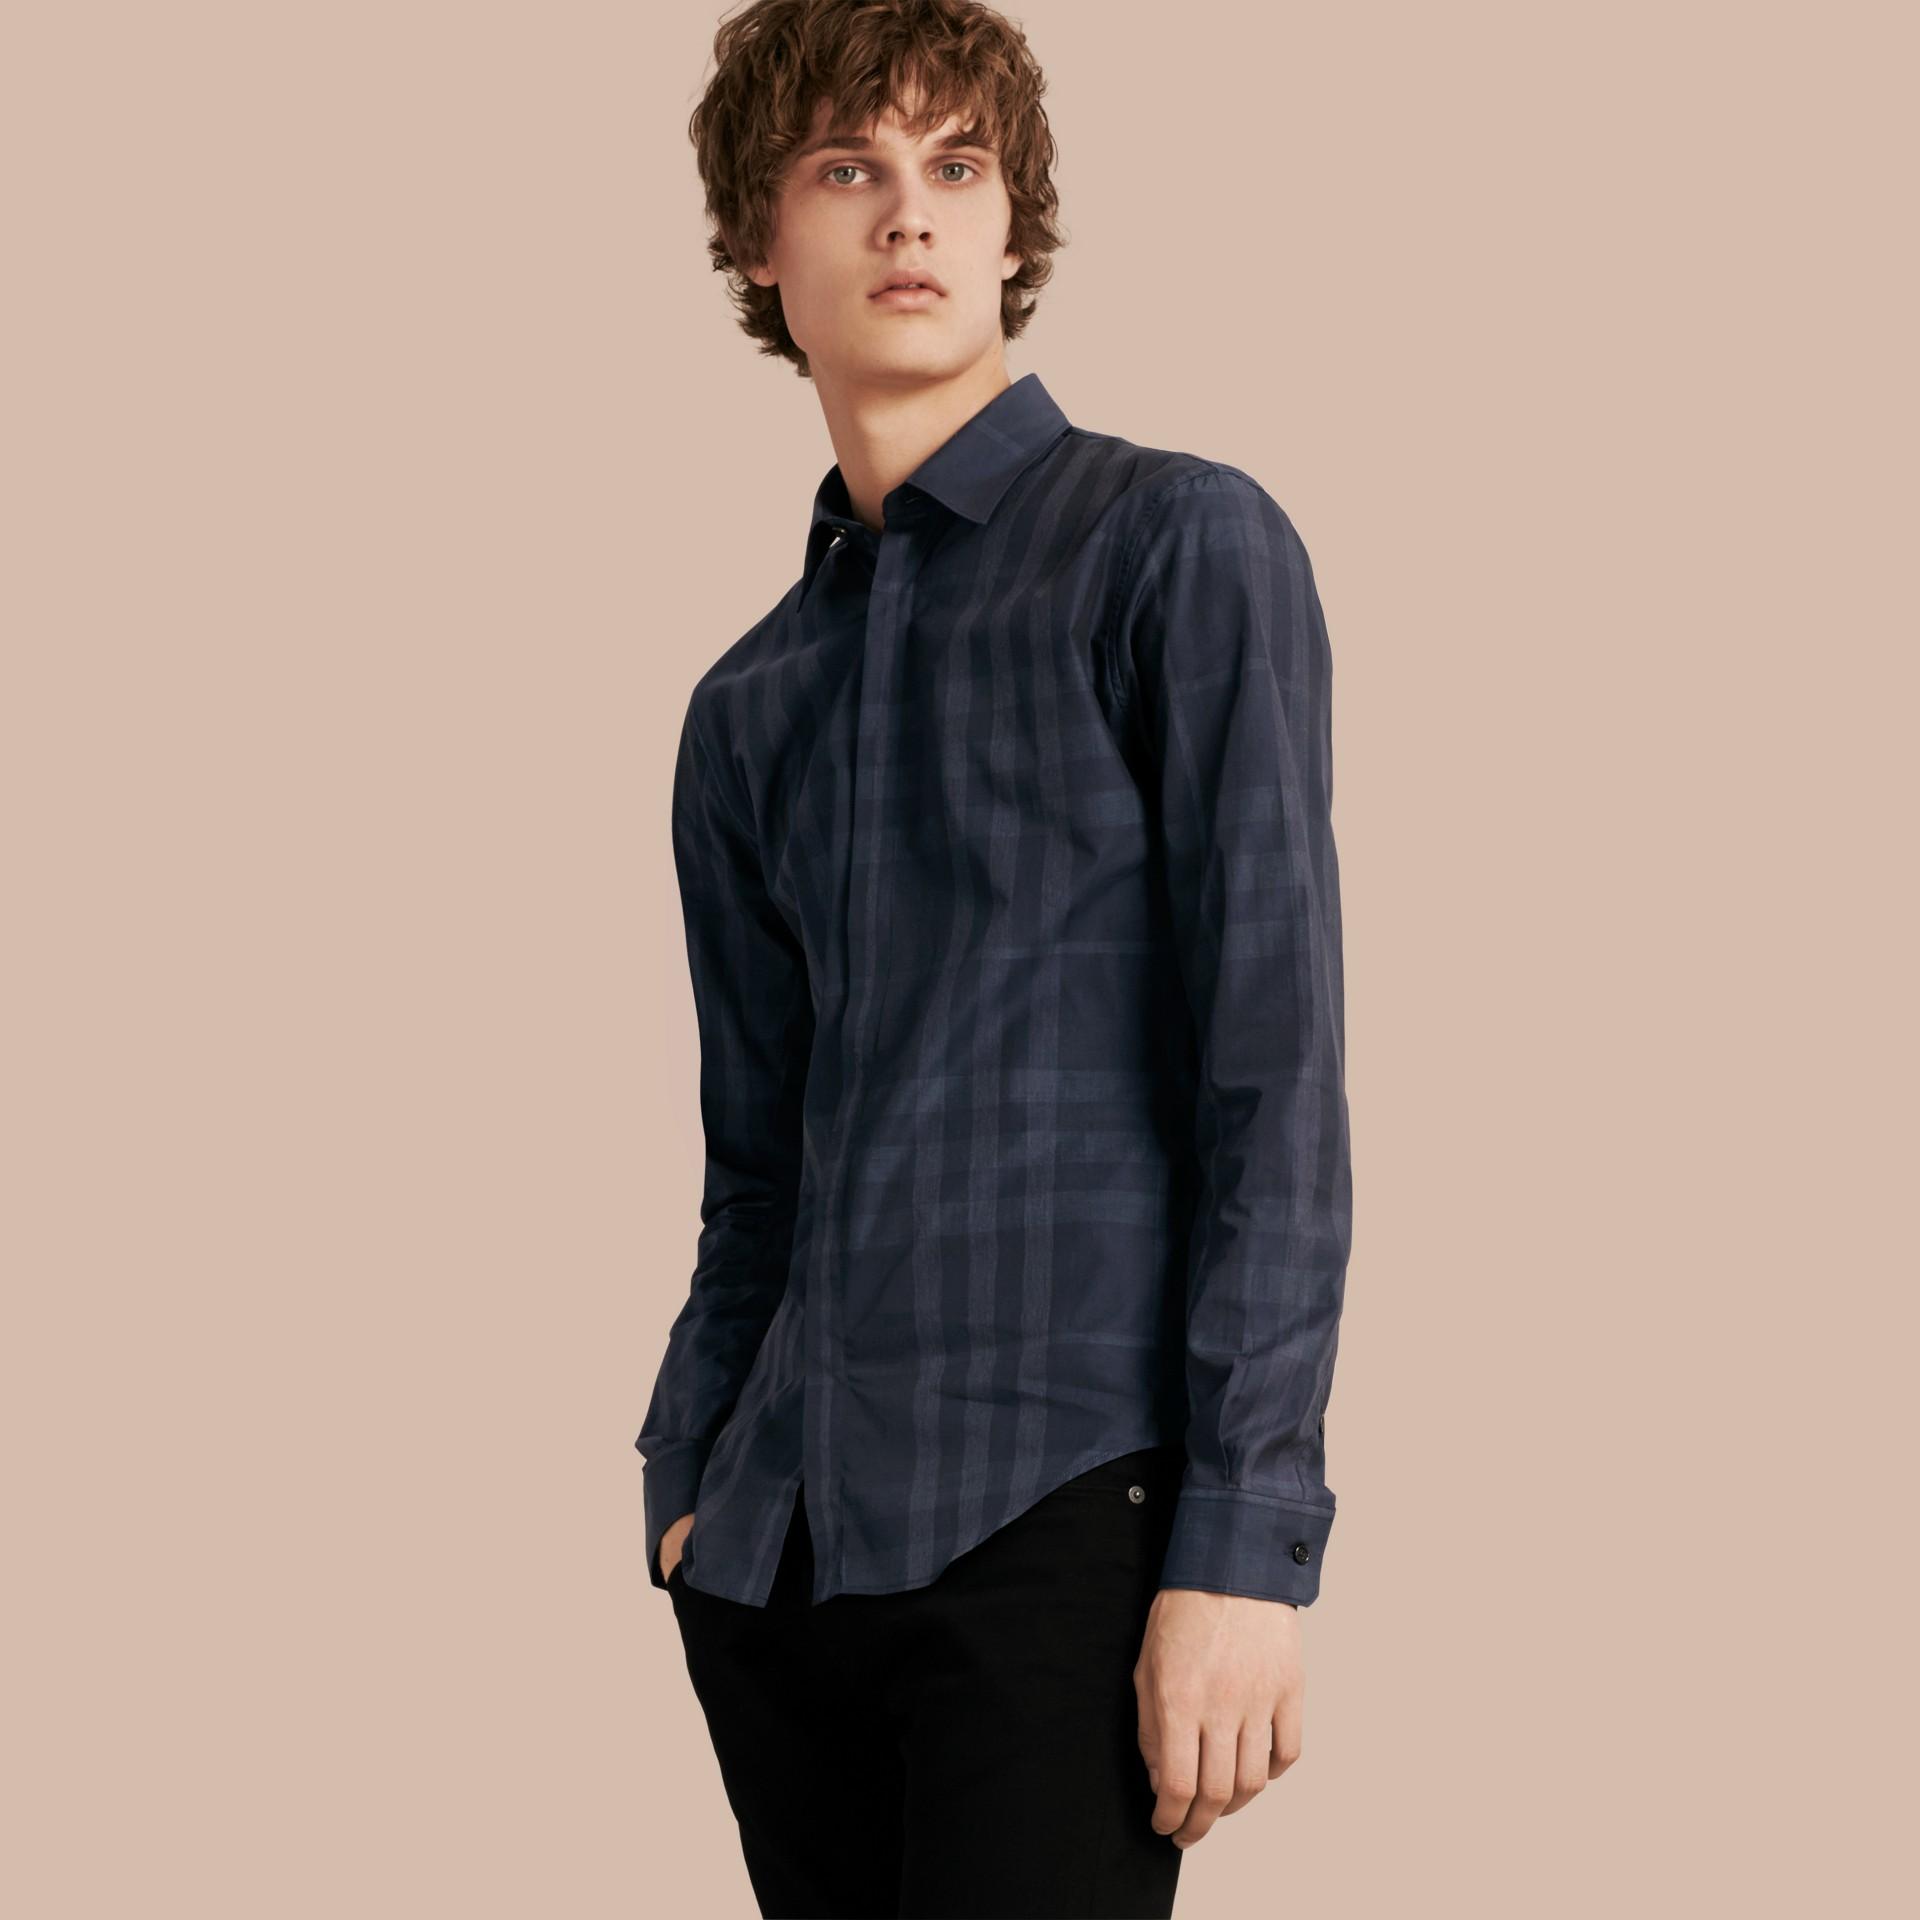 네이비 체크 코튼 셔츠 네이비 - 갤러리 이미지 1